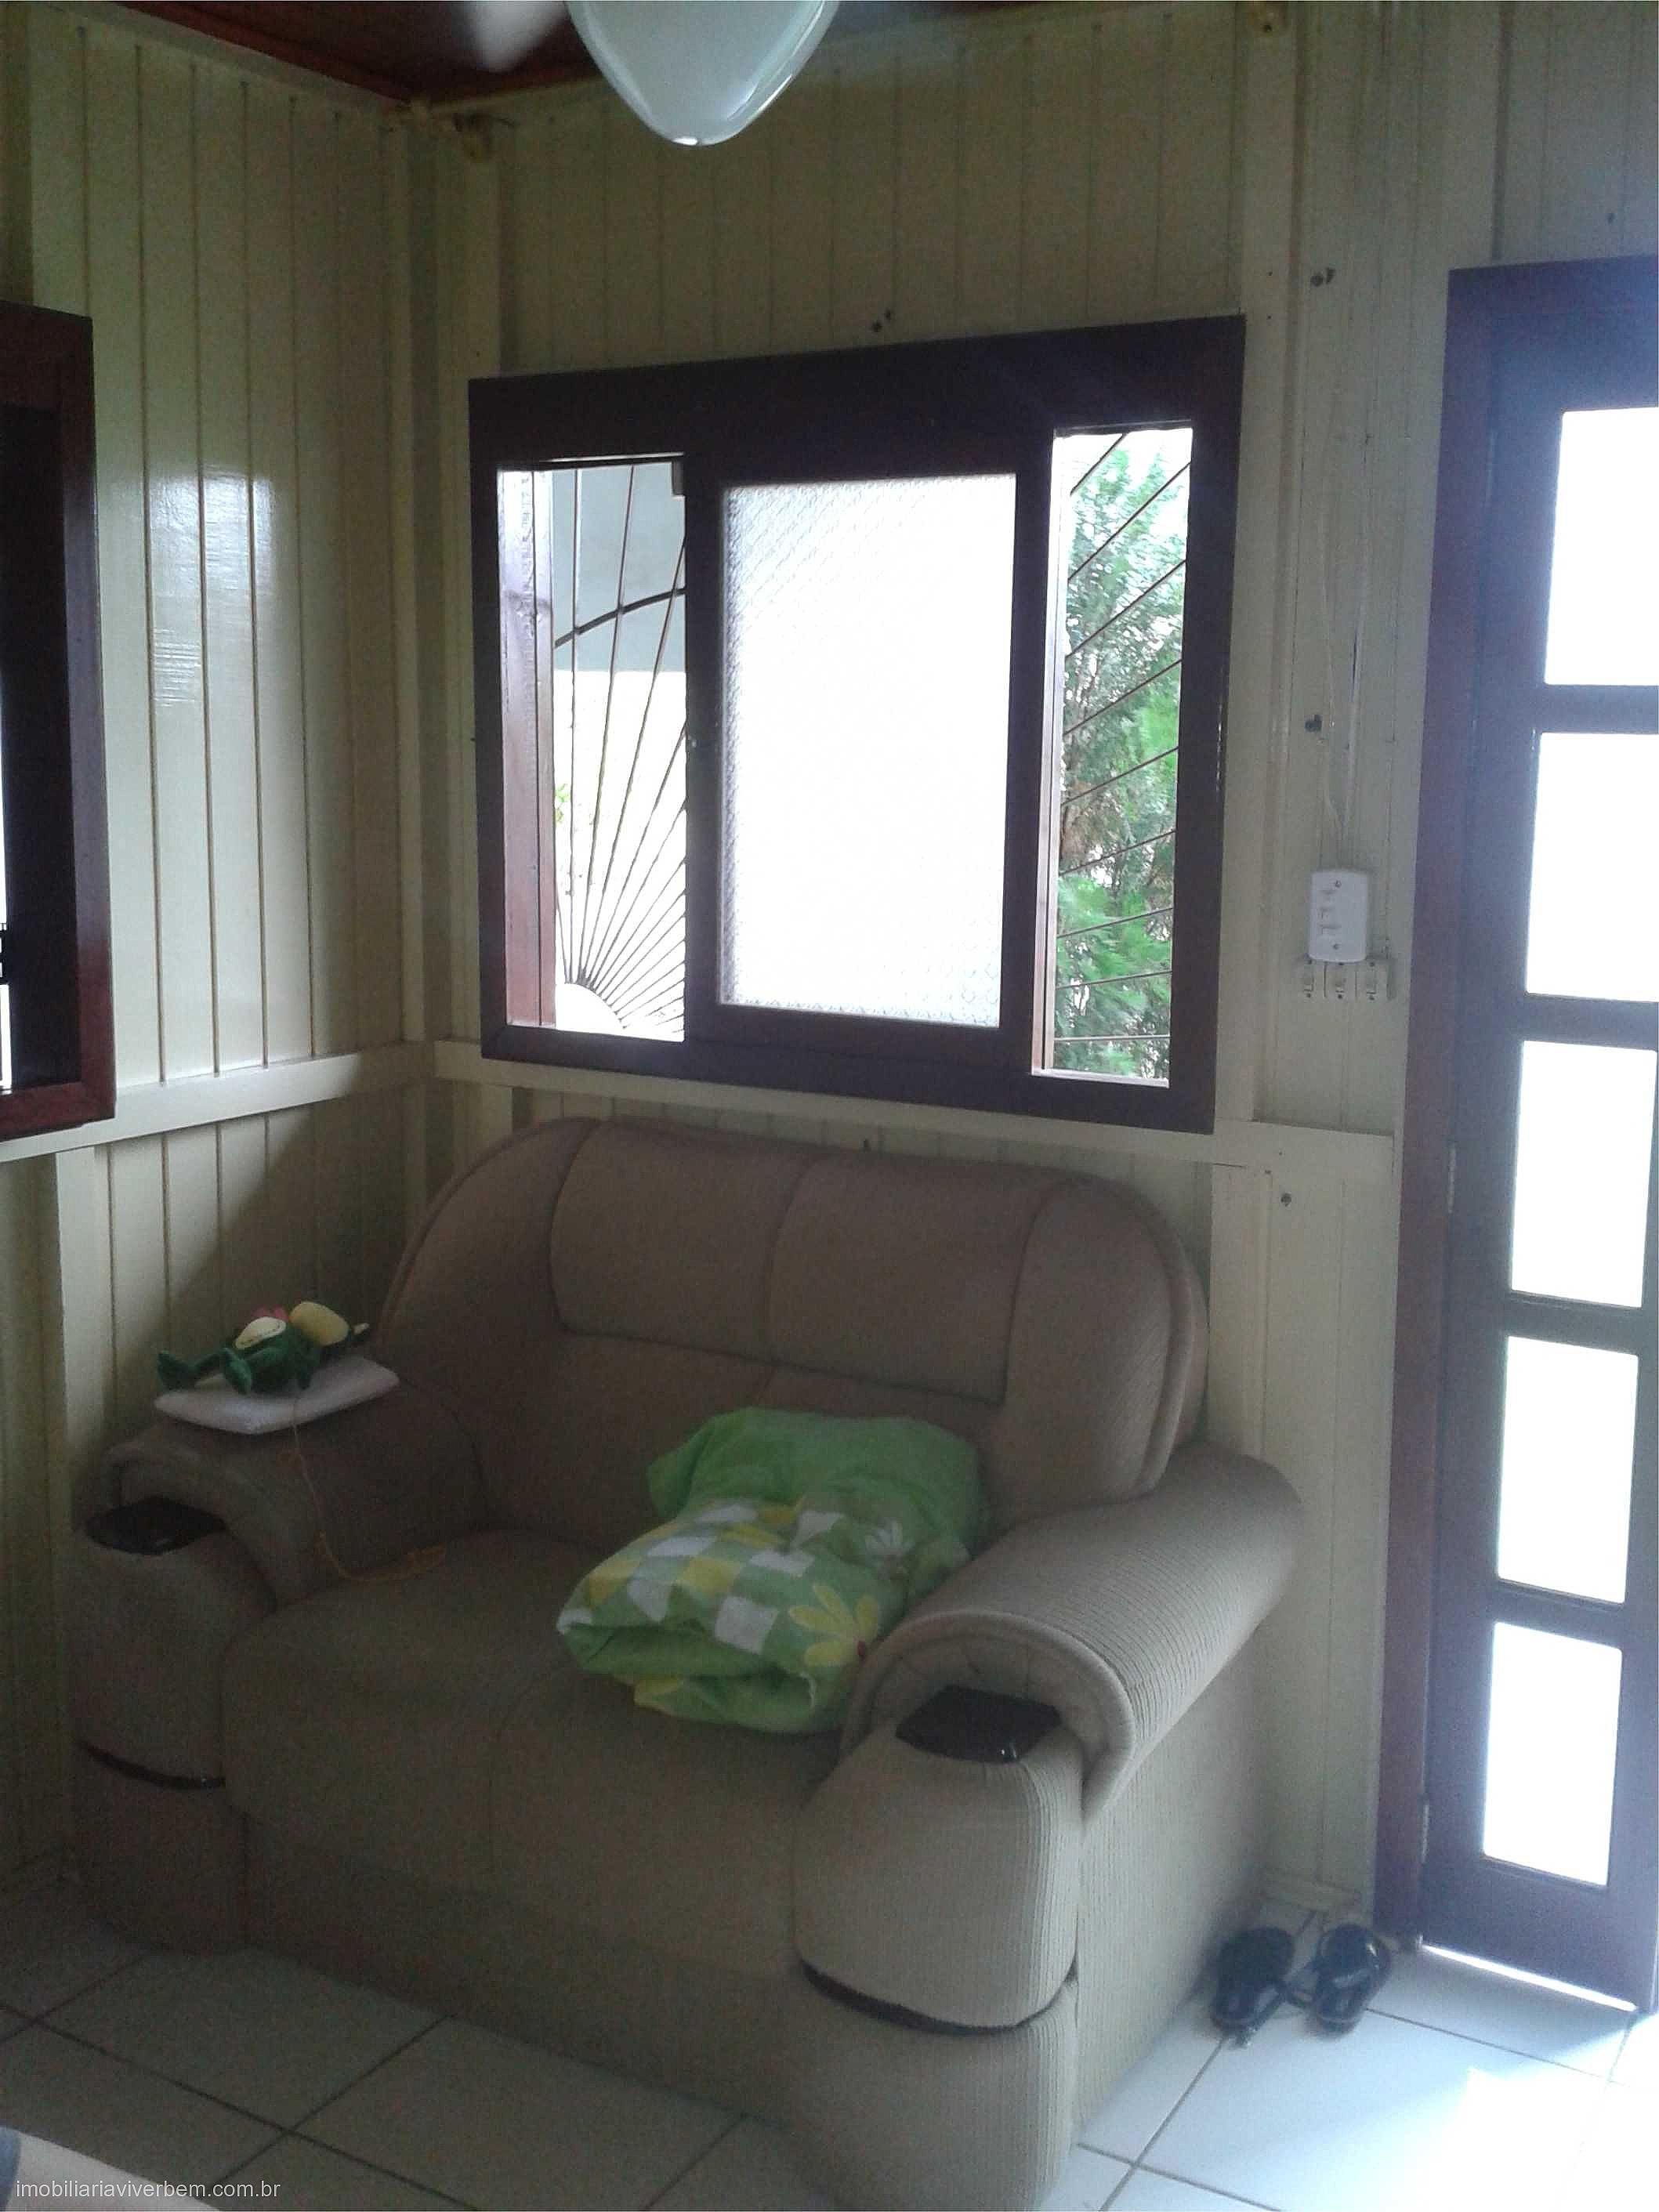 Viver Bem Imóveis - Casa 2 Dorm, São Jorge, Portão - Foto 7